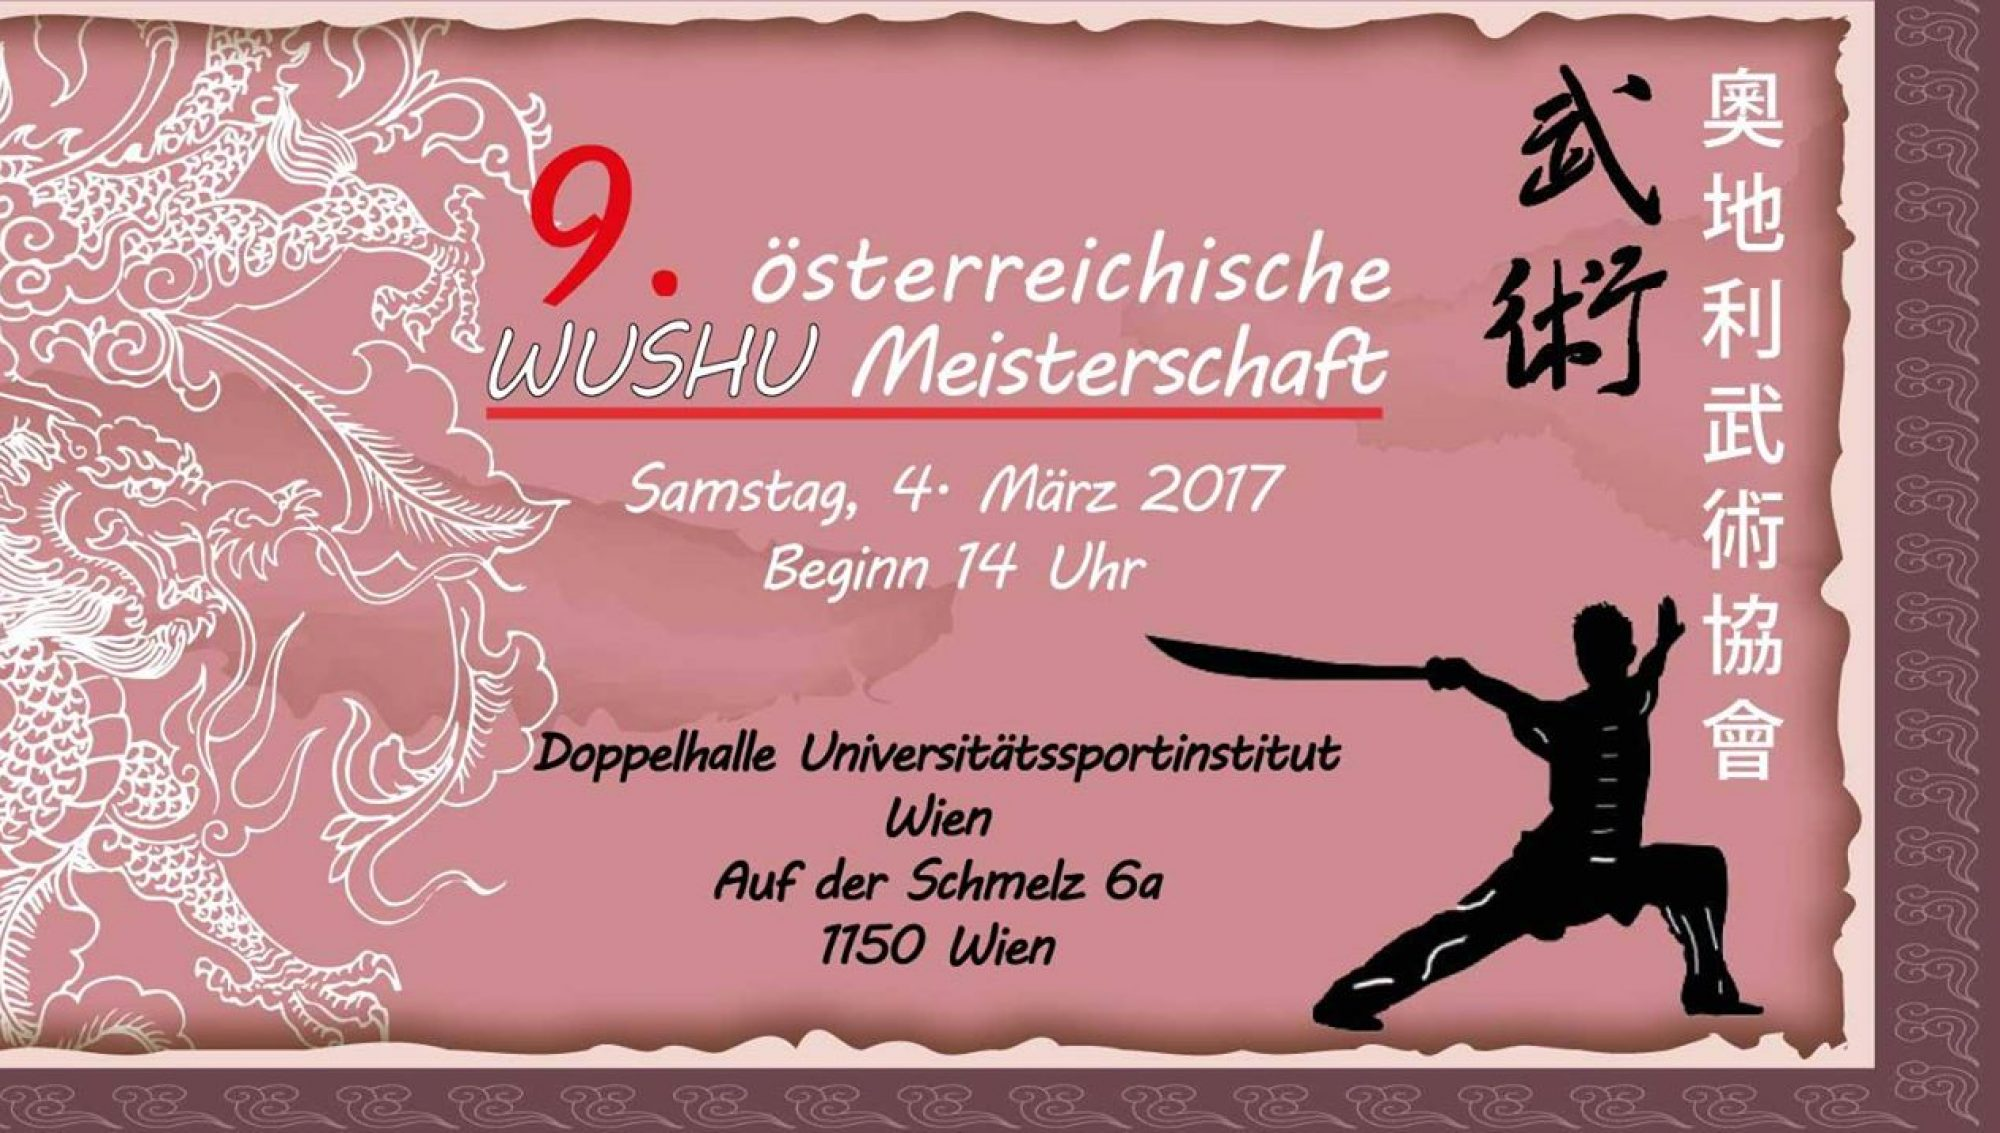 Austrian Wushu Federation